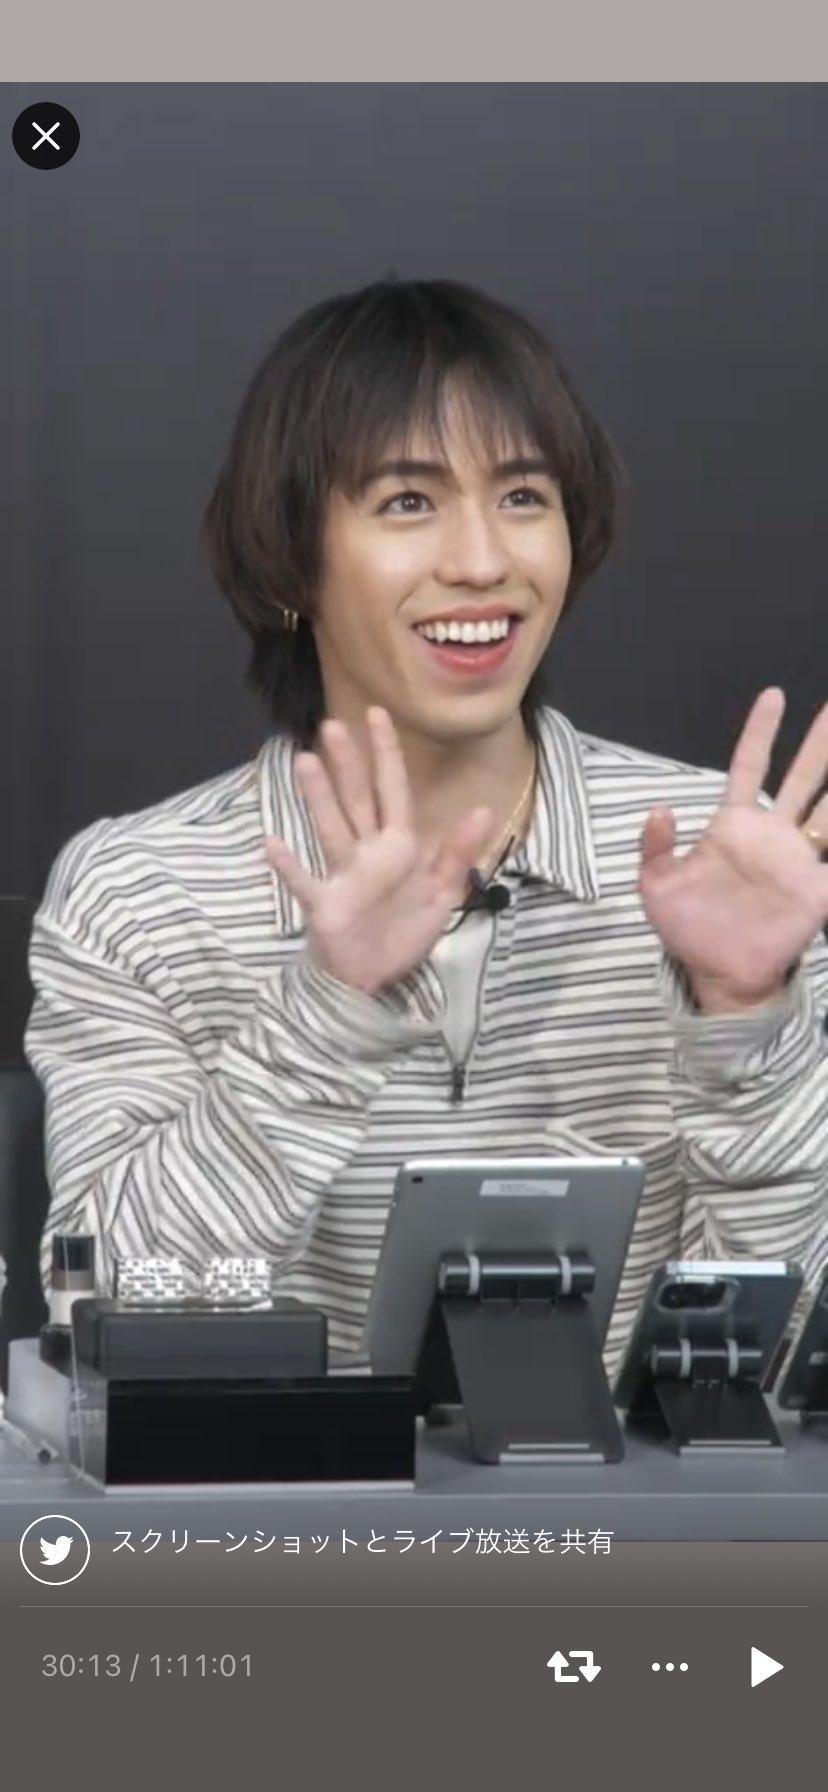 りゅうちぇるさん黒髪画像6